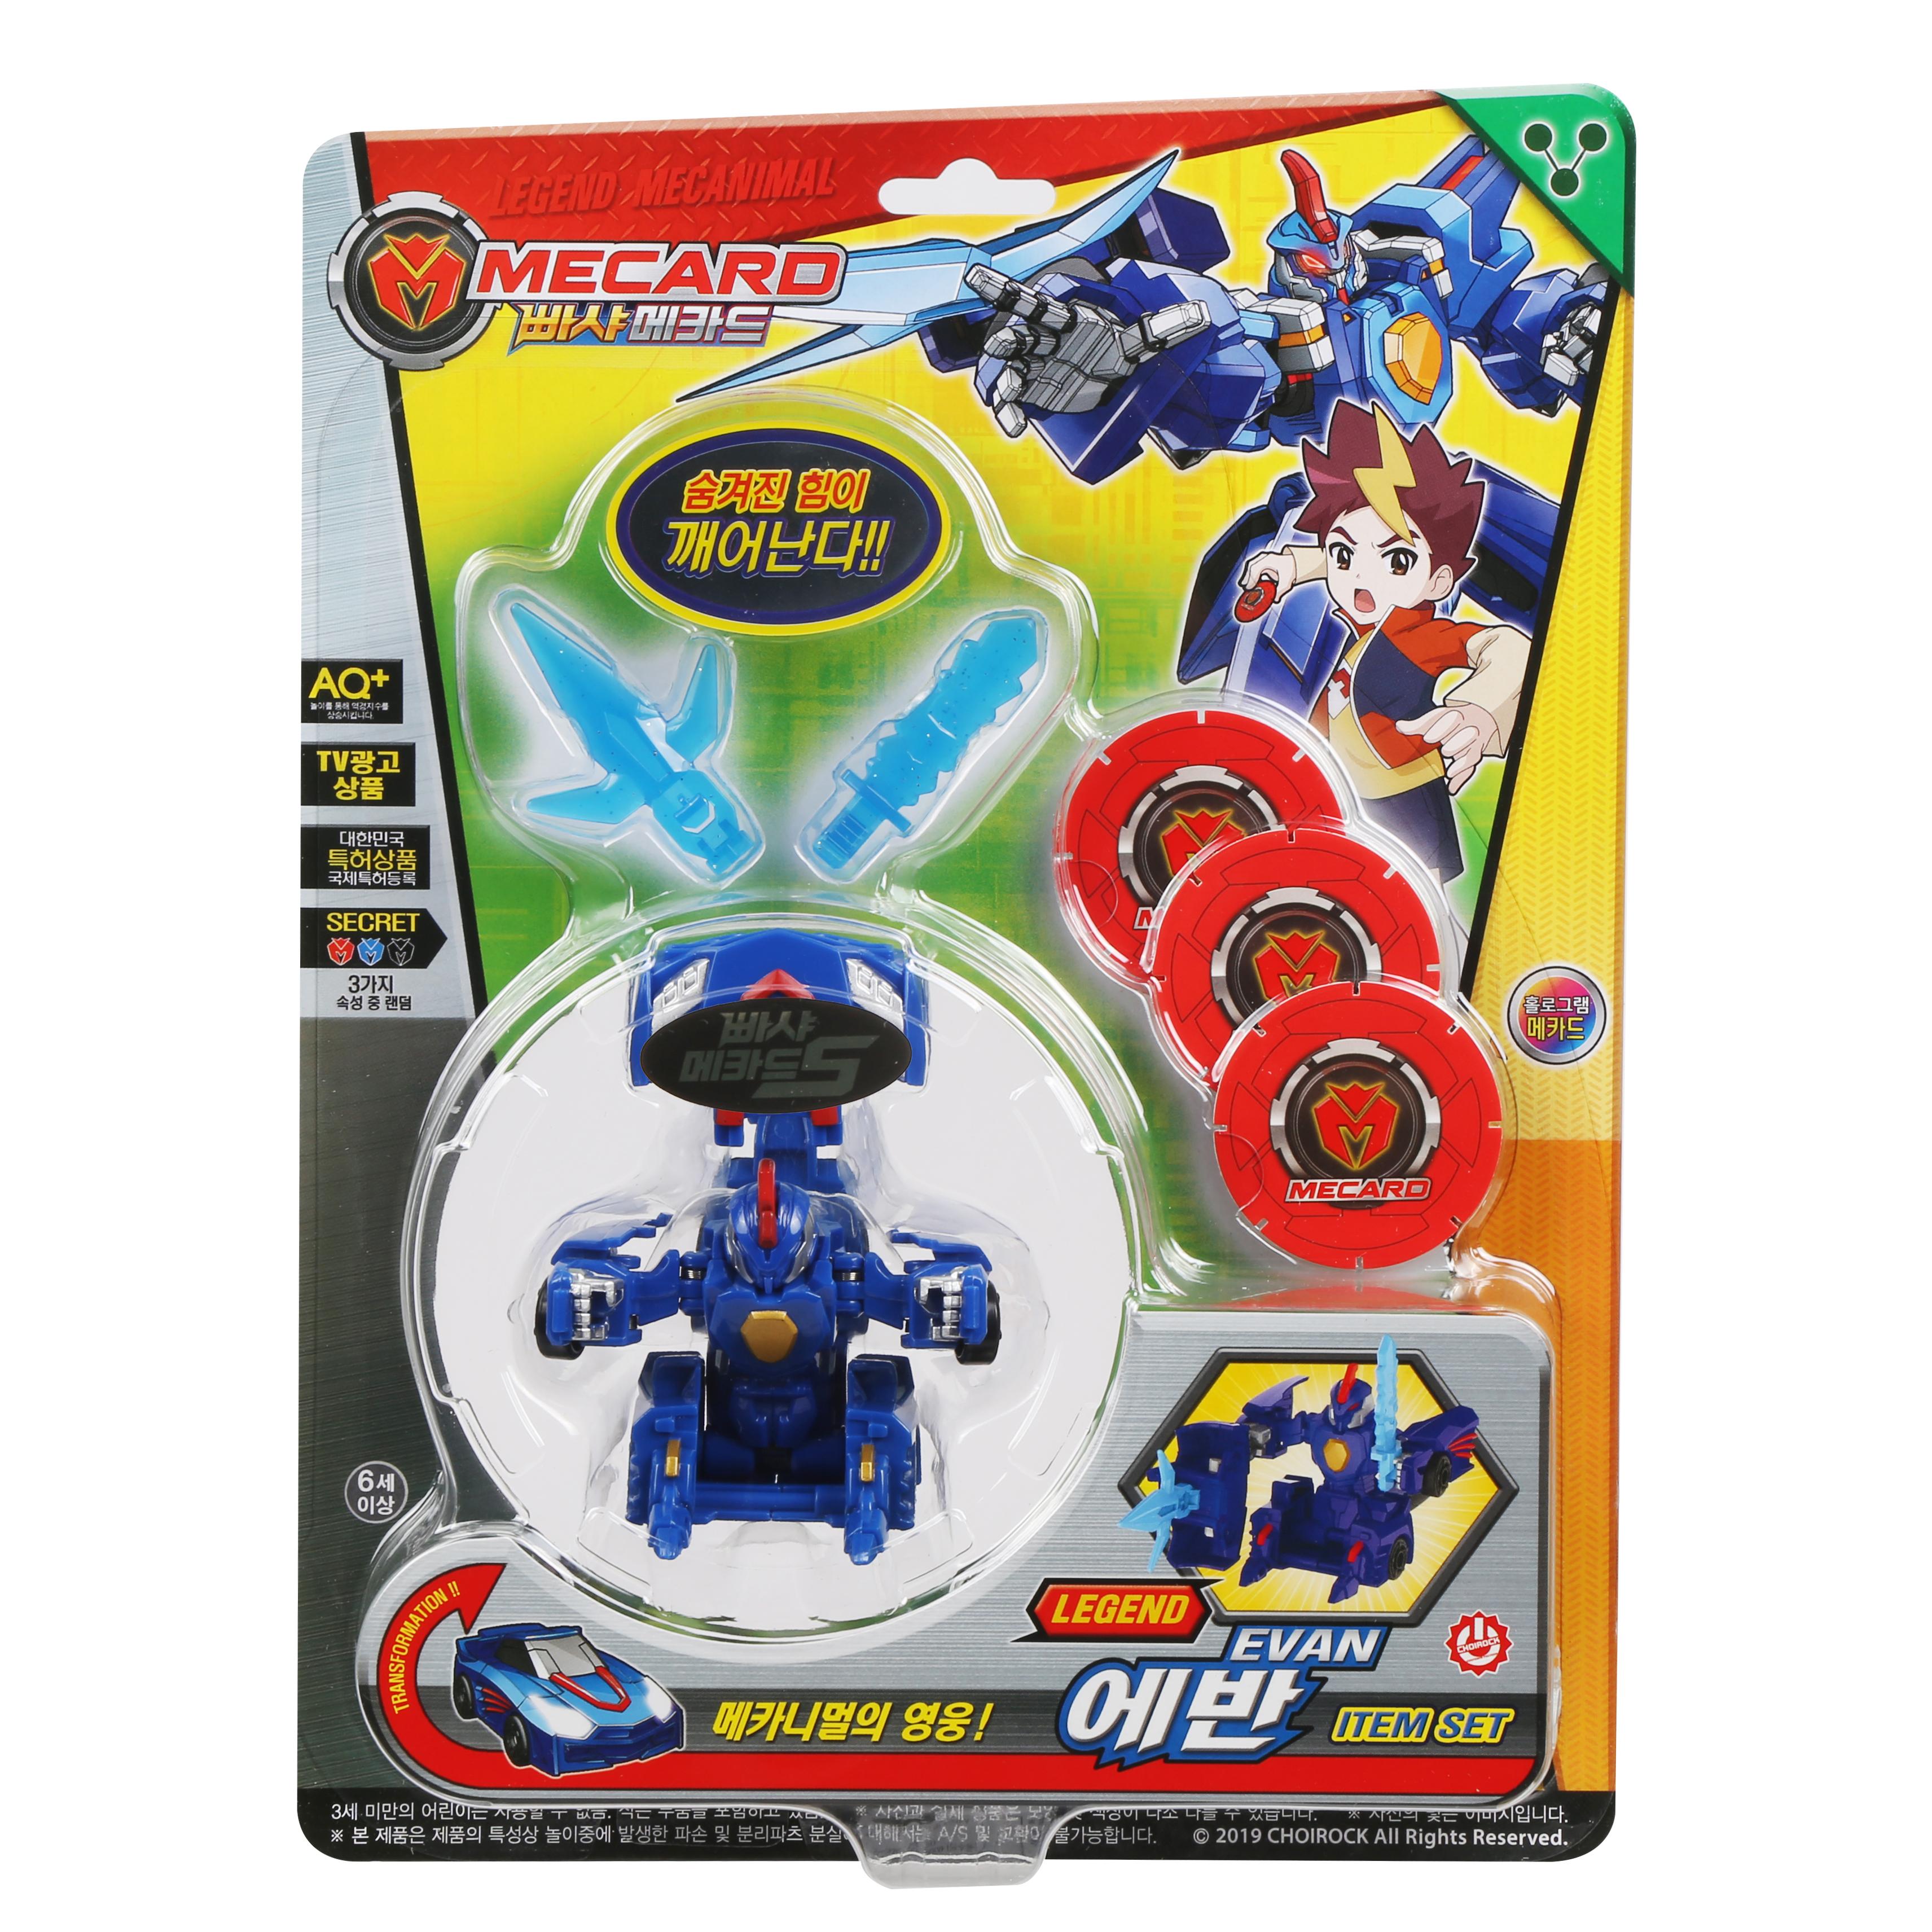 빠샤메카드 레전드에반 아이템세트 로봇장난감, 혼합 색상